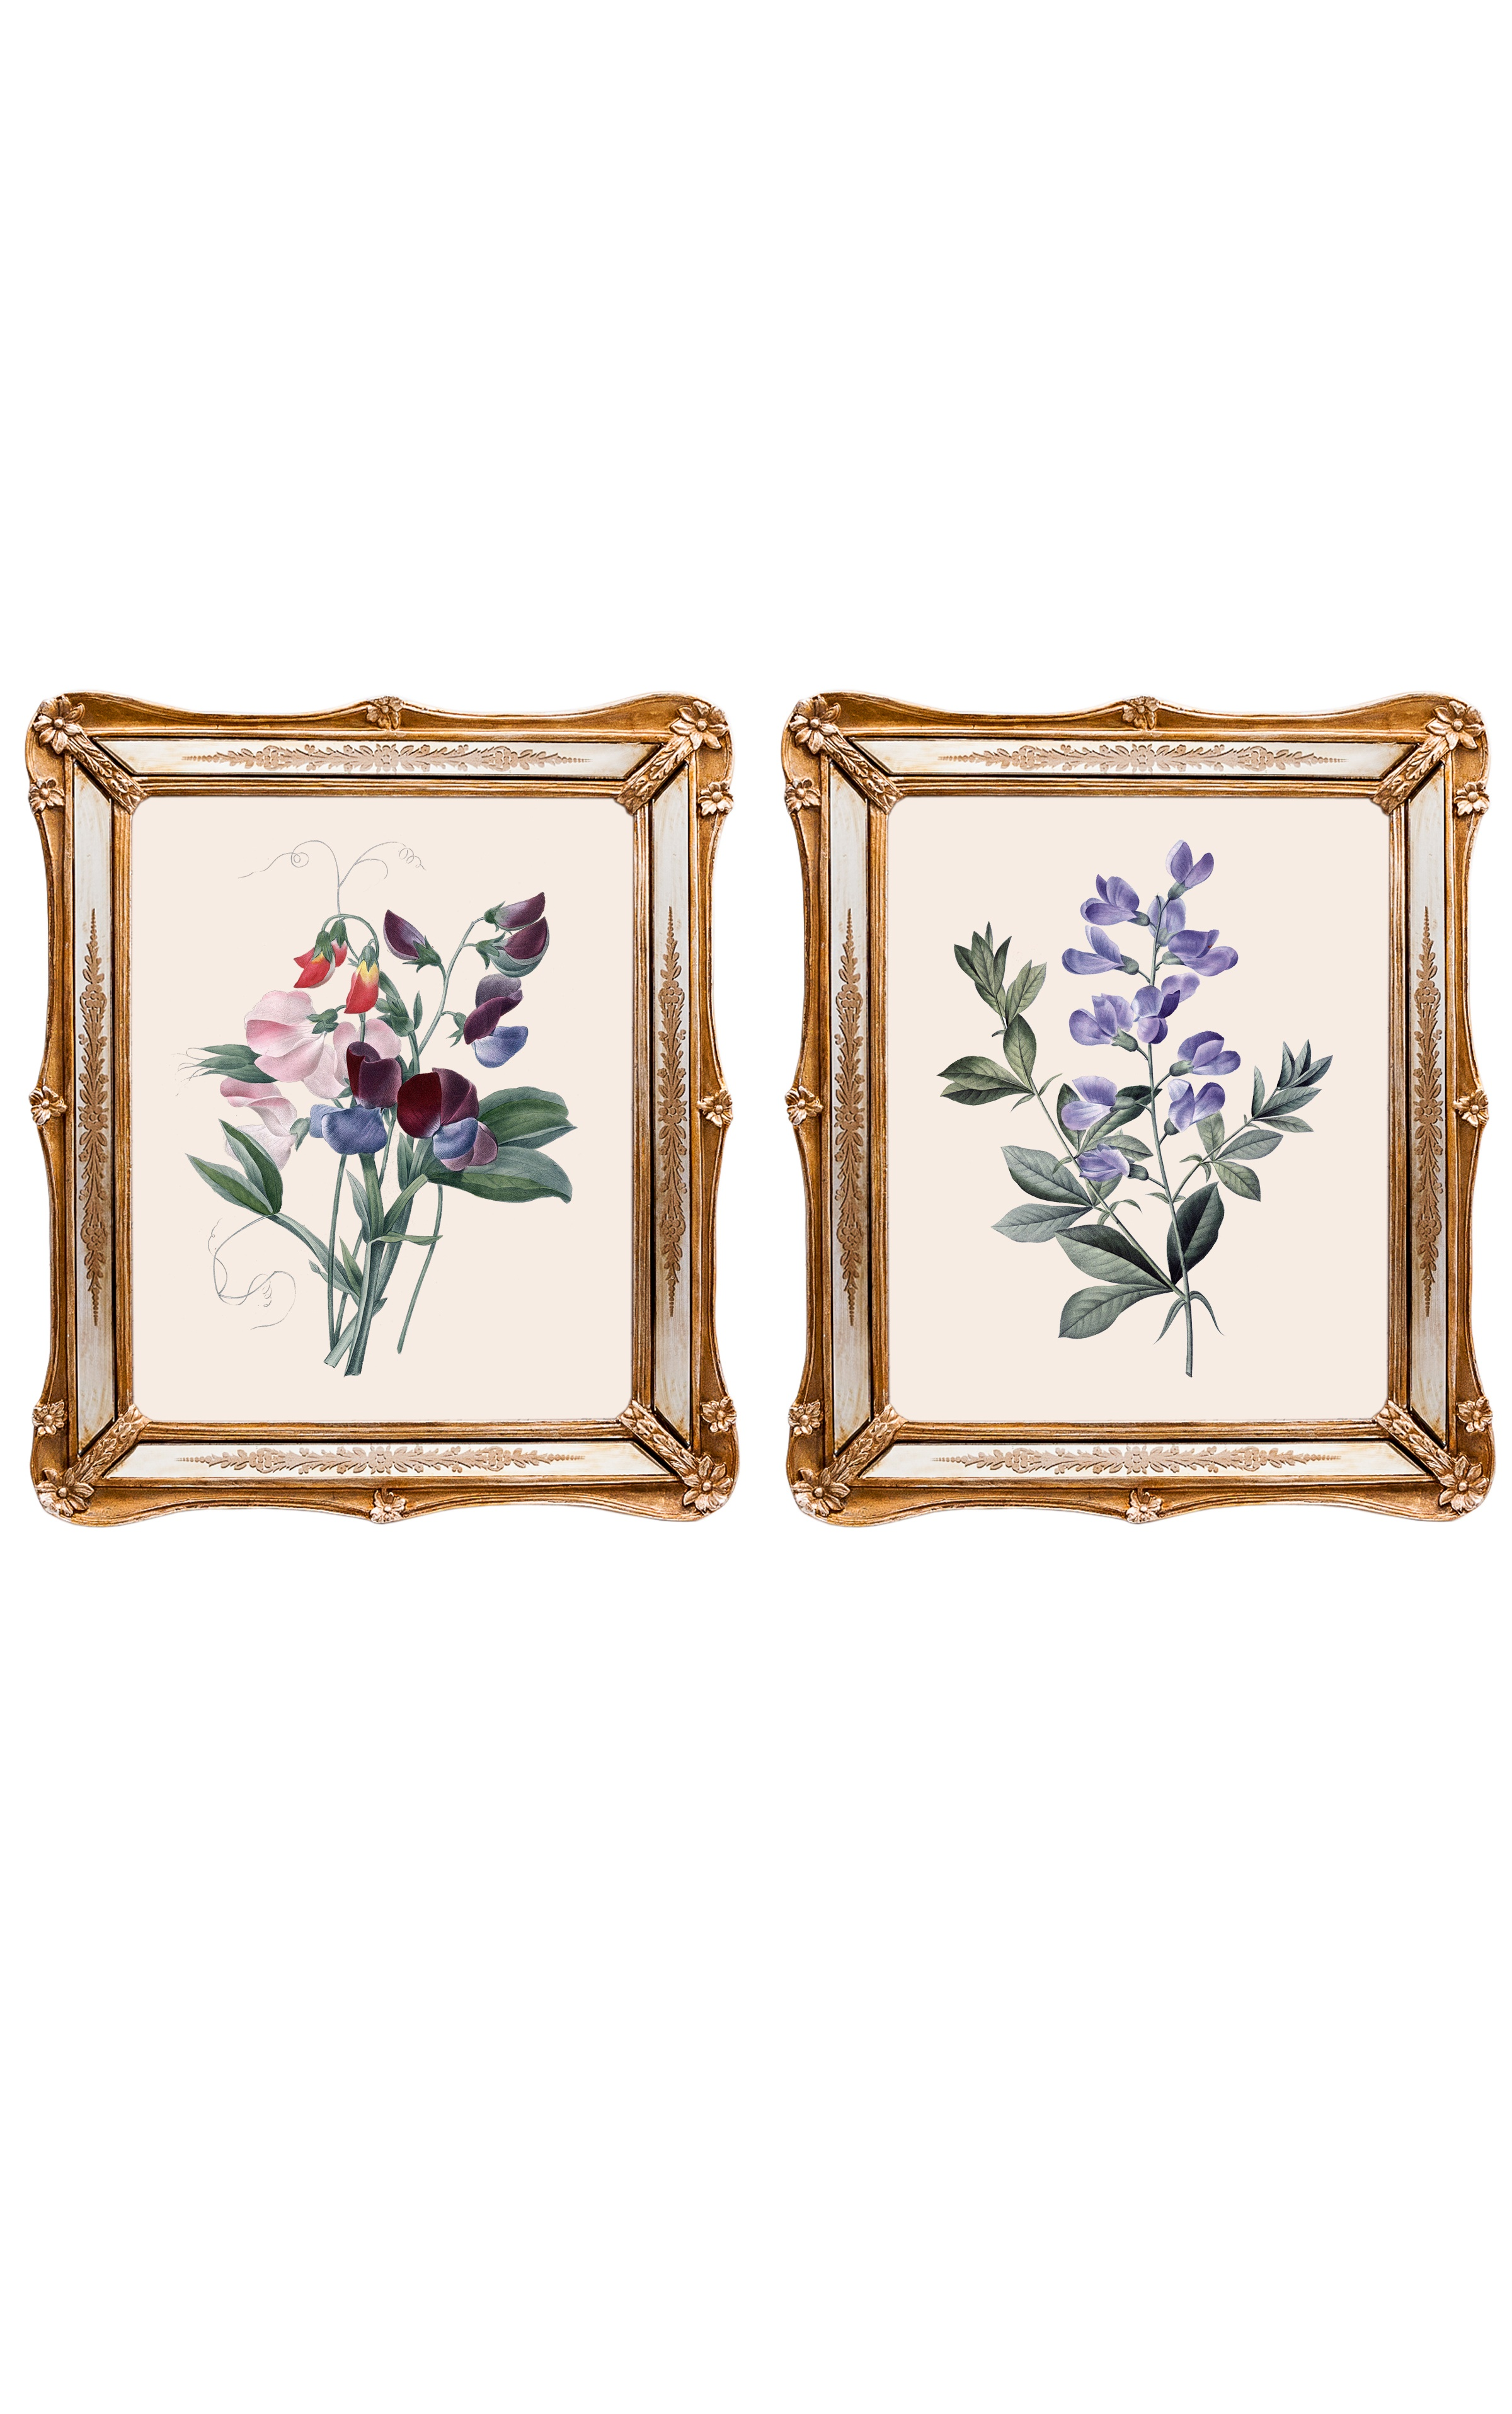 Набор из двух репродукций старинных картин в раме Софи. Удивительные цветы 4Картины<br>&amp;lt;div&amp;gt;Репродукции акварелей французского художника Пьера-Жозефа Редуте, которого называли «Рафаэлем цветов», остаются так же свежи в начале 21 века, будто написаны совсем недавно. Они добавляют в интерьер нотки винтажной красоты, а удивительные цветы впечатляют своими изысканными формами. Репродукции акварелей в рамах с зеркальными вставками и золотым рельефом фантастически преображается в освещенном солнцем интерьере. Картины можно повесить на стену, а можно поставить, например, на стол или камин. Защитный стеклянный слой сохранит изображение от воздействий окружающей среды. Если Вам захочется обновить интерьер, Вы можете с легкостью заменить изображение картины!&amp;lt;/div&amp;gt;&amp;lt;div&amp;gt;&amp;lt;br&amp;gt;&amp;lt;/div&amp;gt;&amp;lt;div&amp;gt;Изображение - дизайнерская бумага; рама - искуственный камень, зеркальные вставки; защитный слой - стекло&amp;amp;nbsp;&amp;lt;/div&amp;gt;&amp;lt;div&amp;gt;цвет:мультиколор&amp;amp;nbsp;&amp;lt;/div&amp;gt;<br><br>Material: Бумага<br>Width см: 26,5<br>Depth см: 2<br>Height см: 30,5